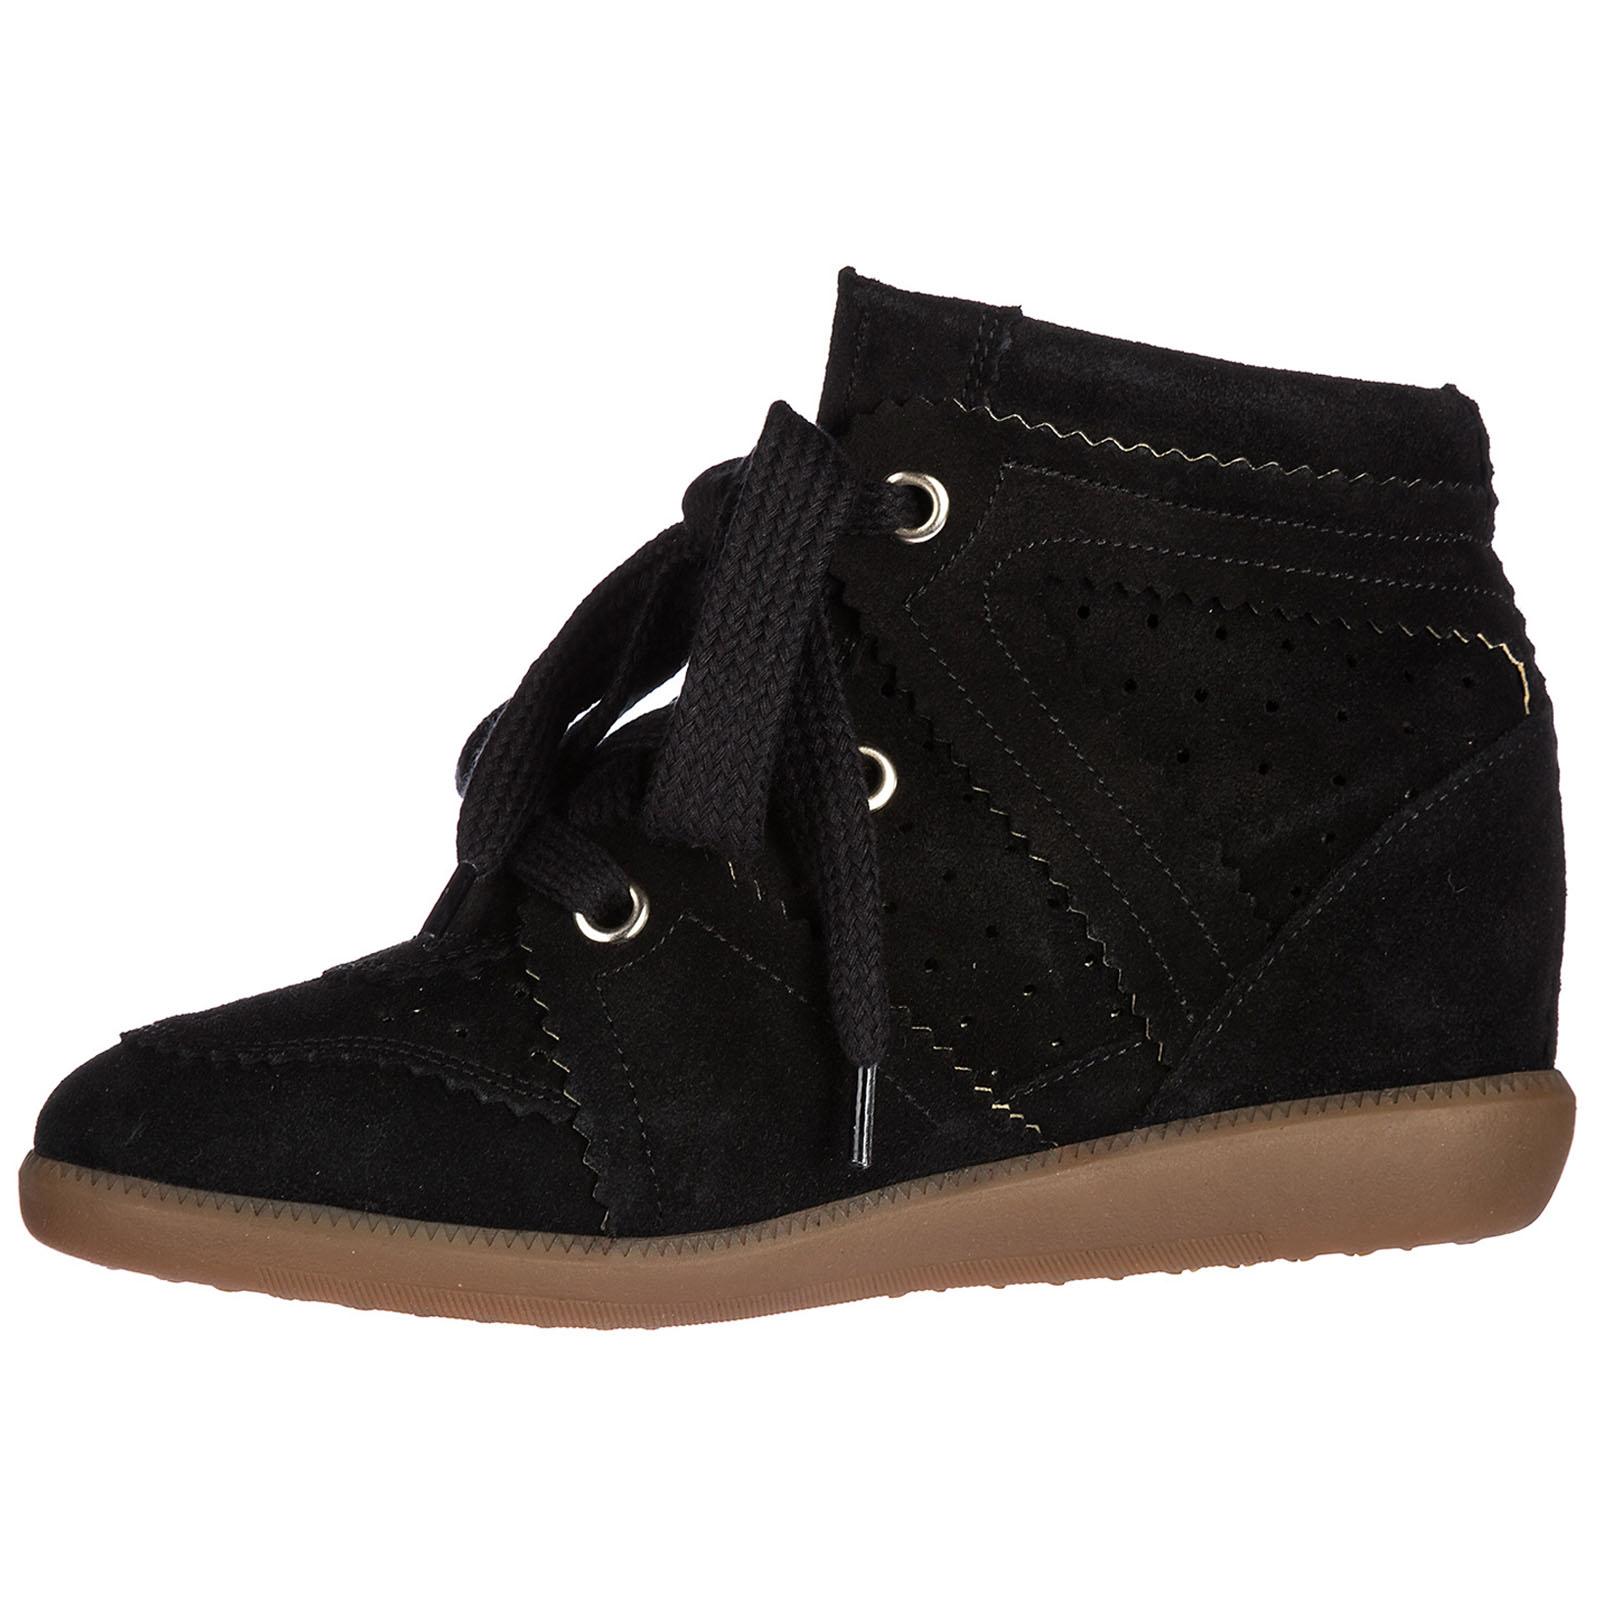 Sneakers con zeppa Isabel Marant BK0003 00M102S nero  4f4548d4080